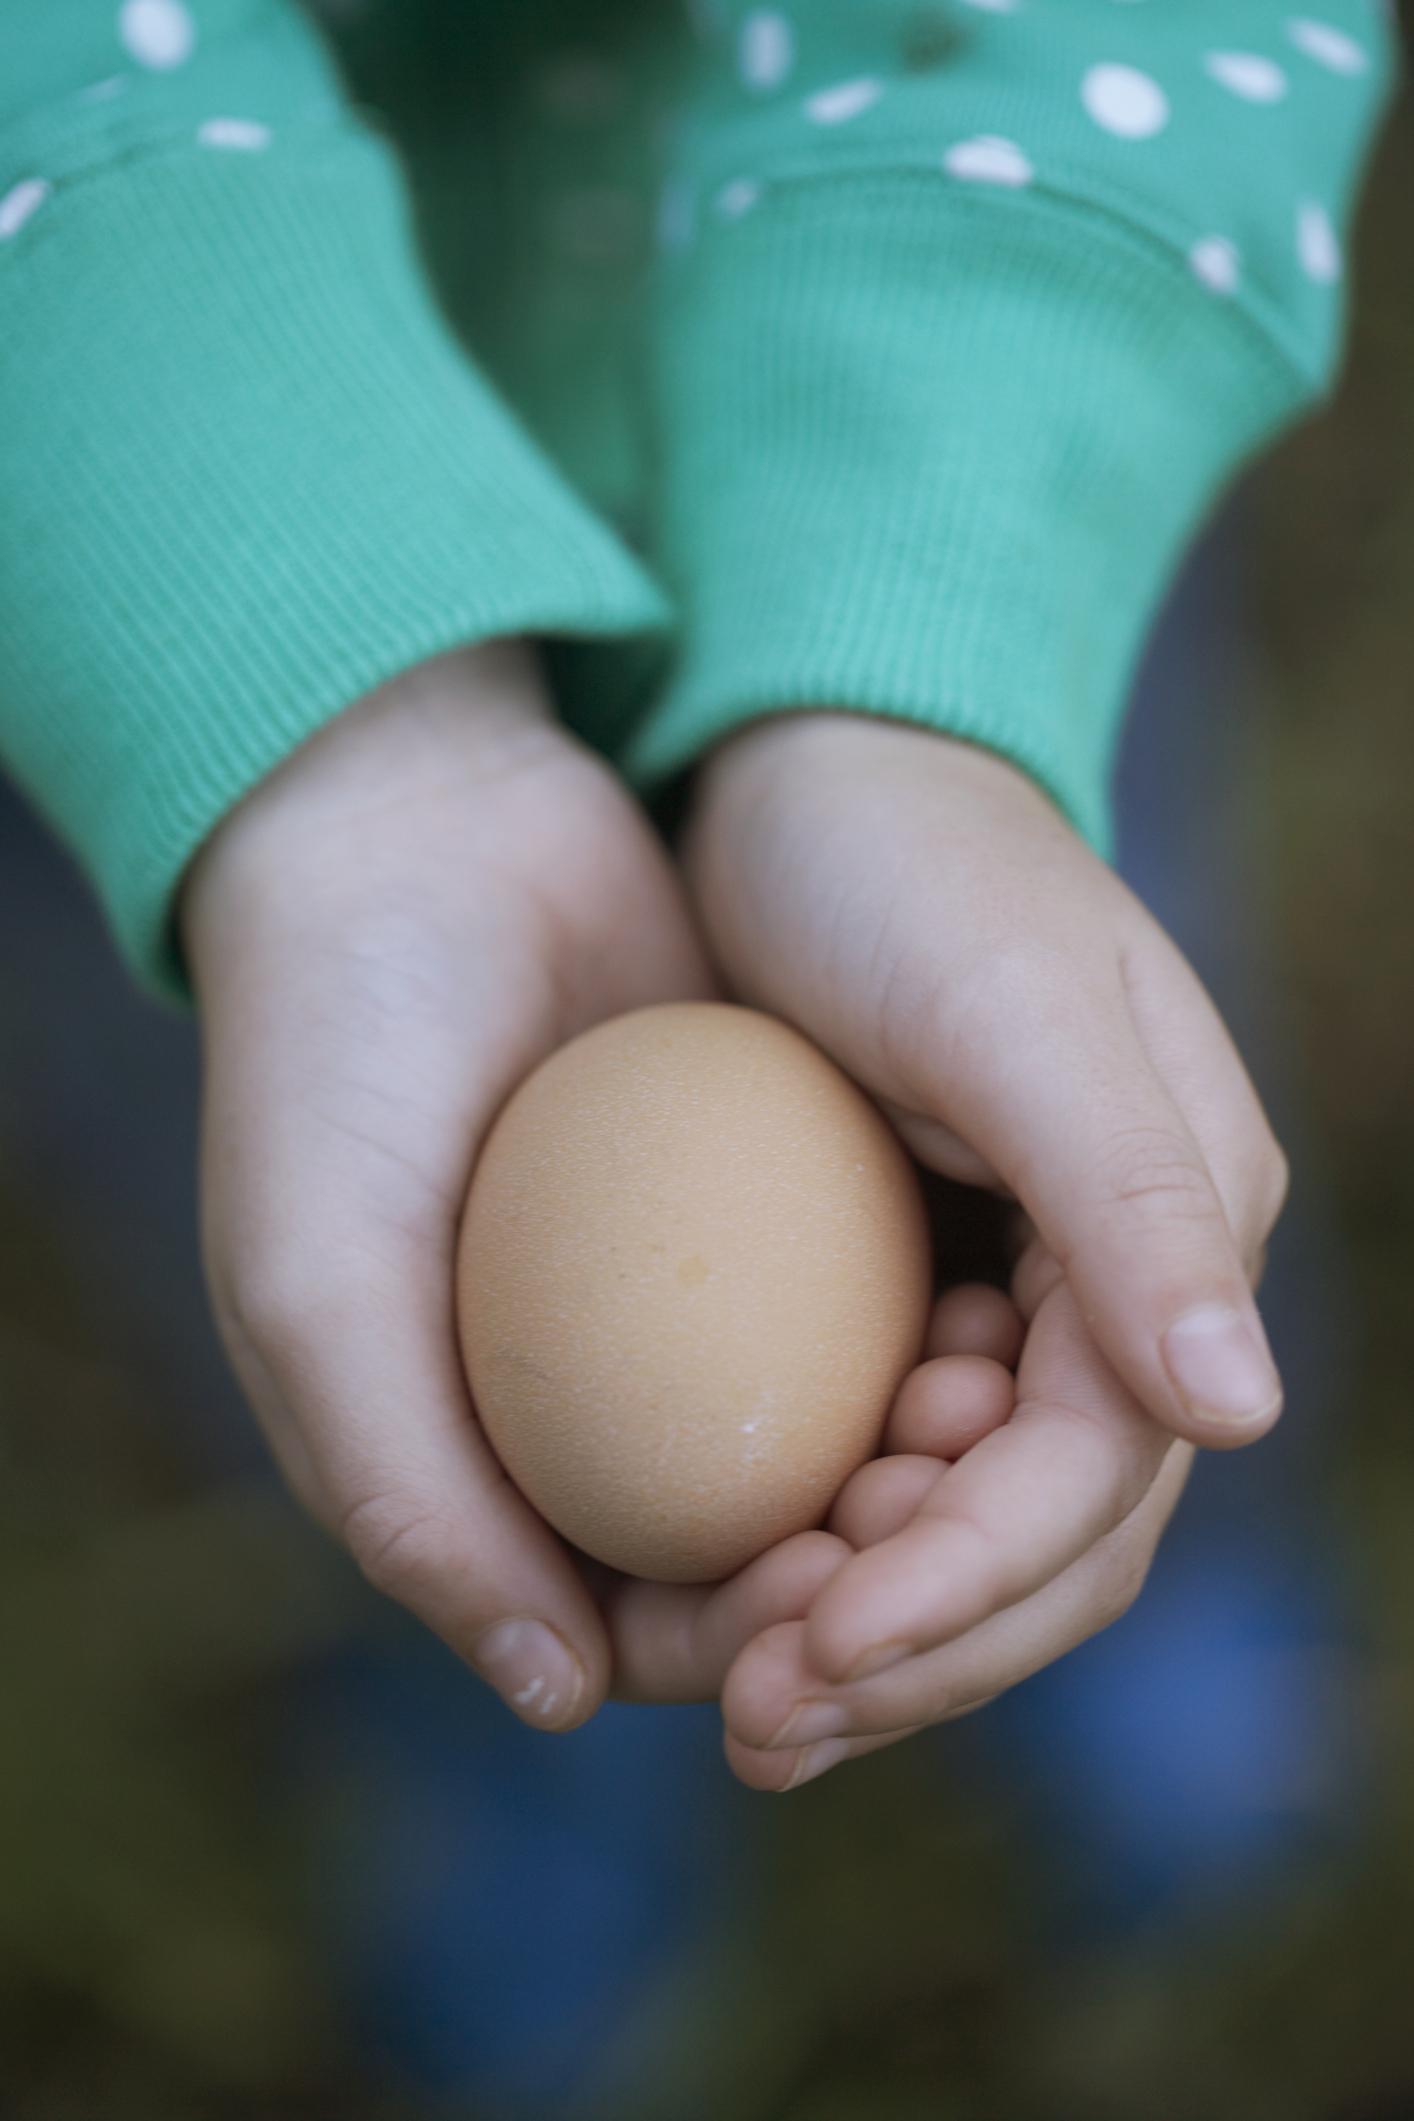 Egg Float In Water Salt Water Or Juice 18